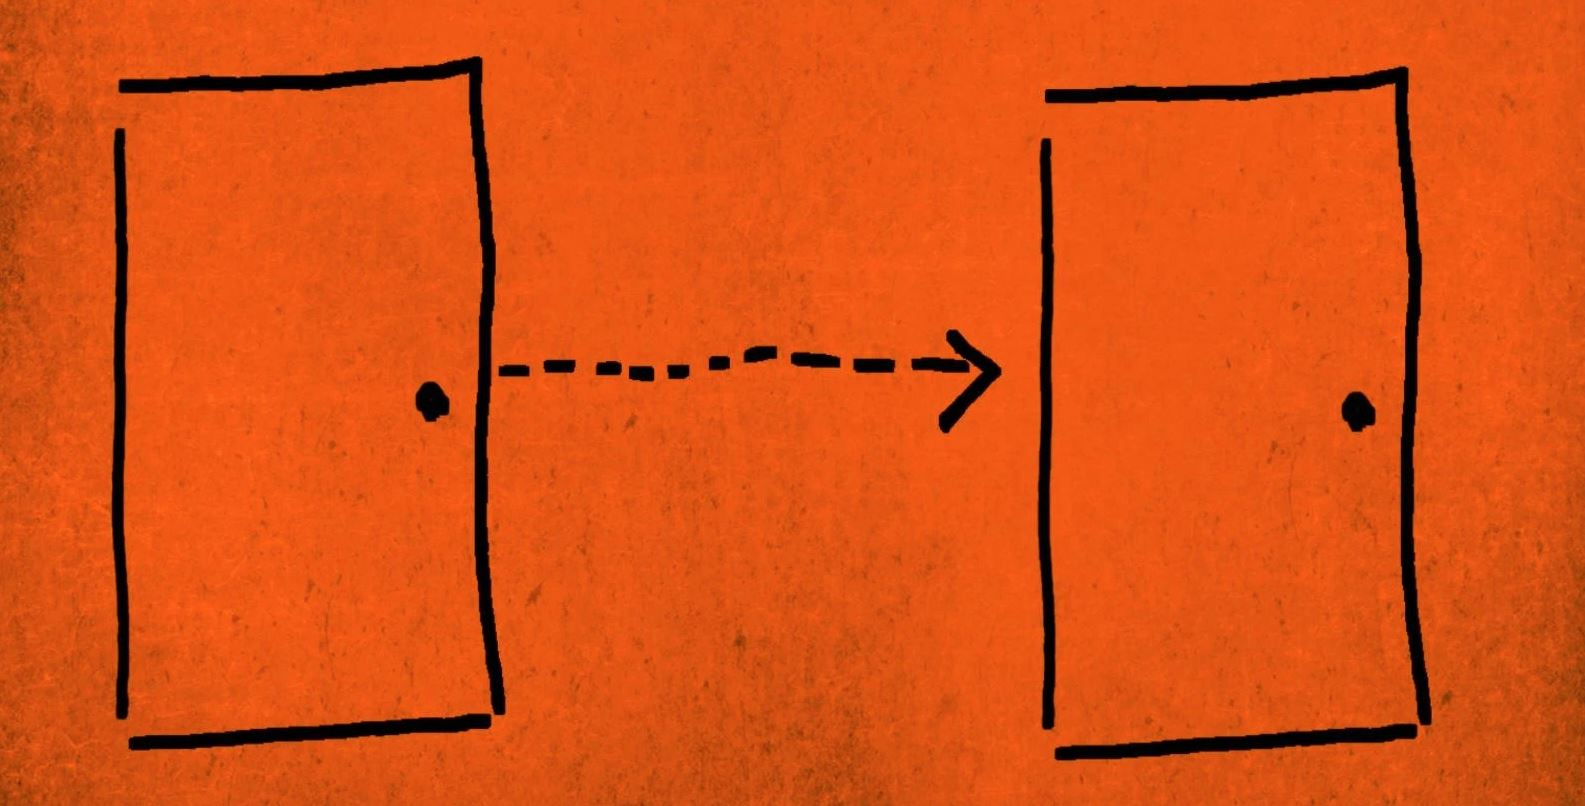 Кристоф Вальц и Гай Пирс присоединились кфэнтези-комедии The Portable Door